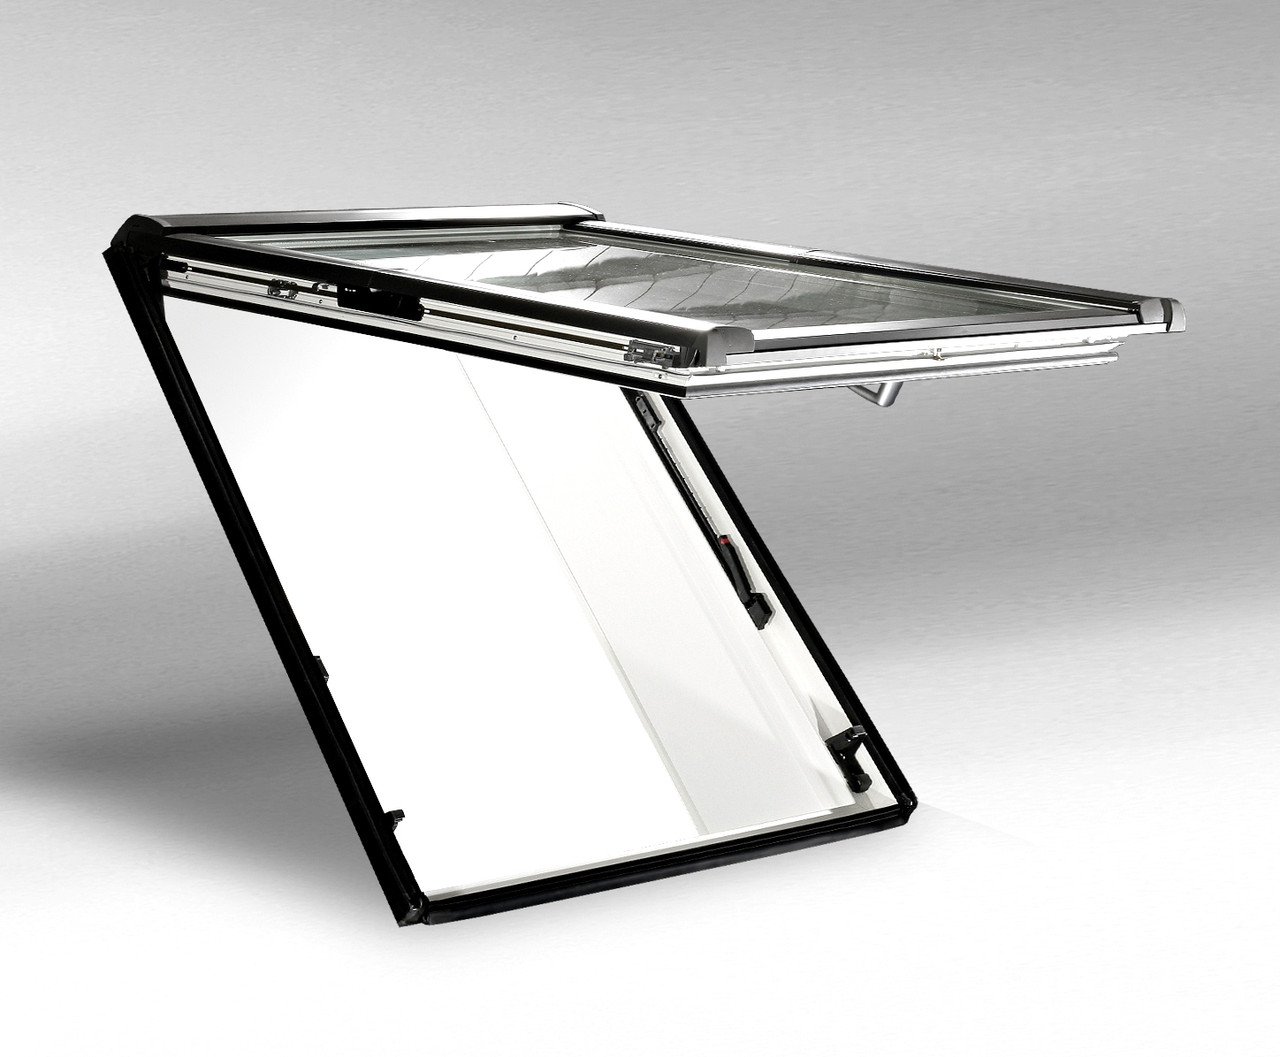 Мансардне вікно Roto Designo R8 з поворотно-відкидною стулкою 740х1180мм дерево